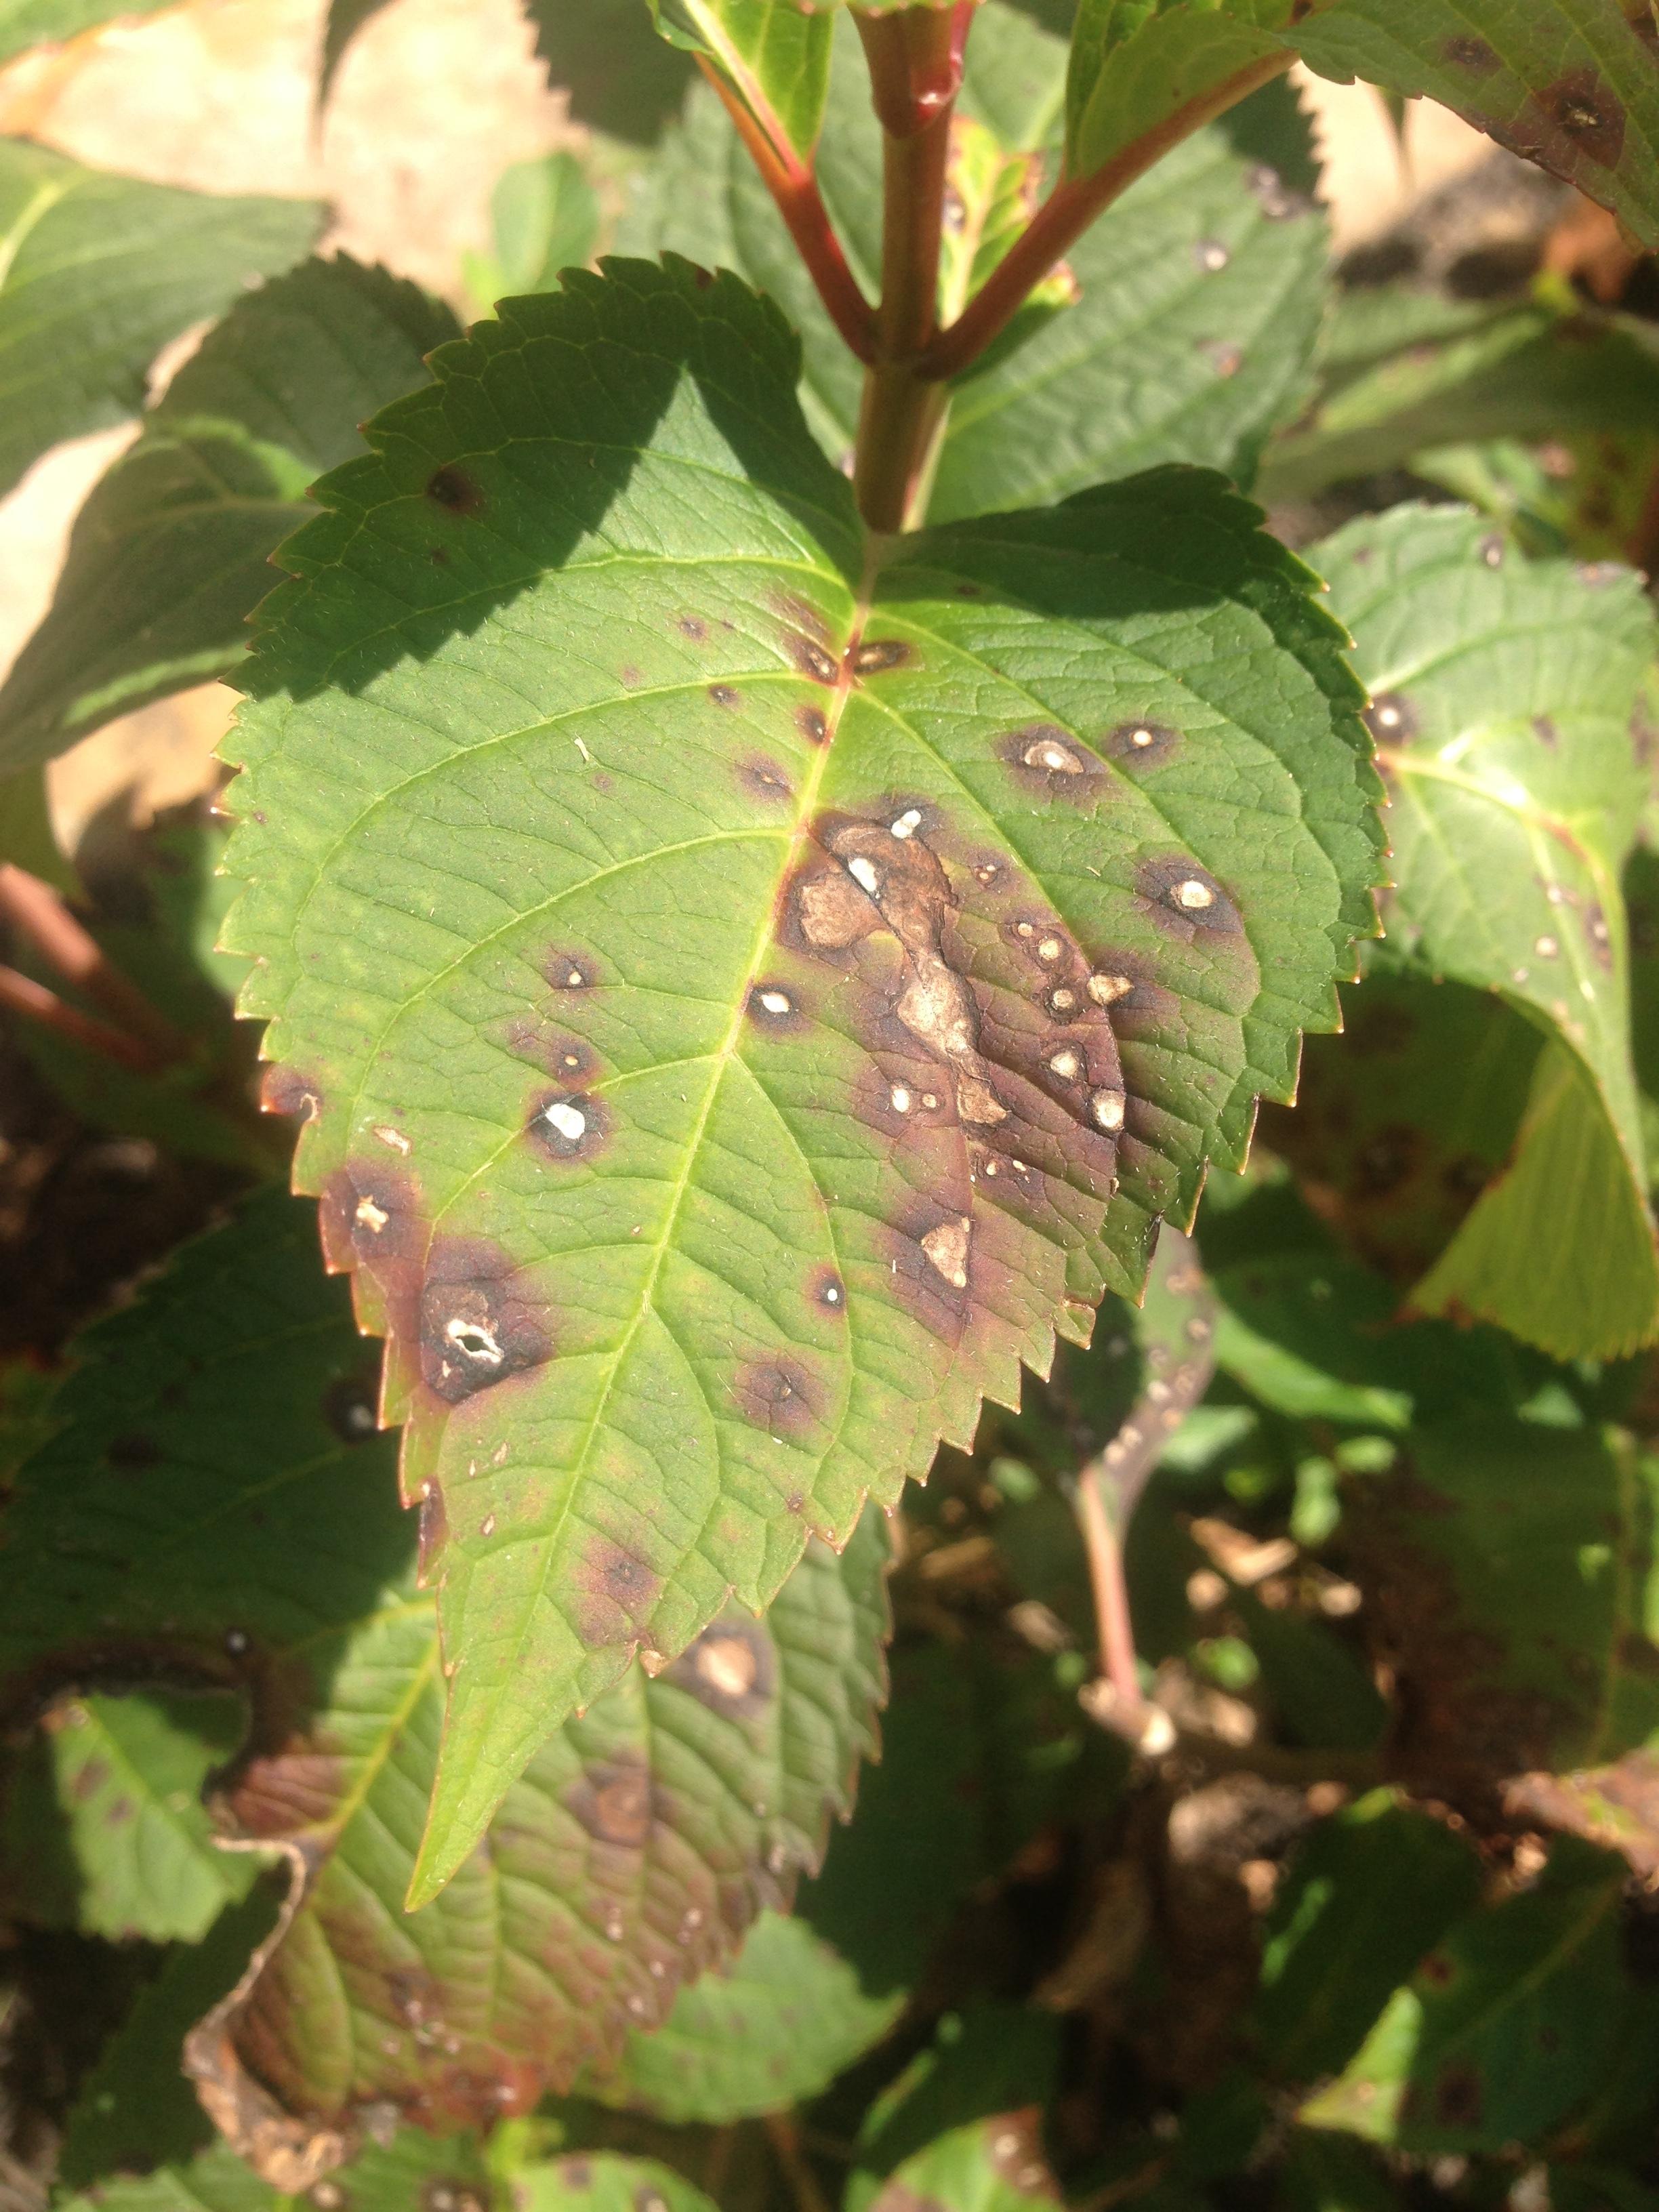 Hydrangea leaf spot on a mophead hydrangea